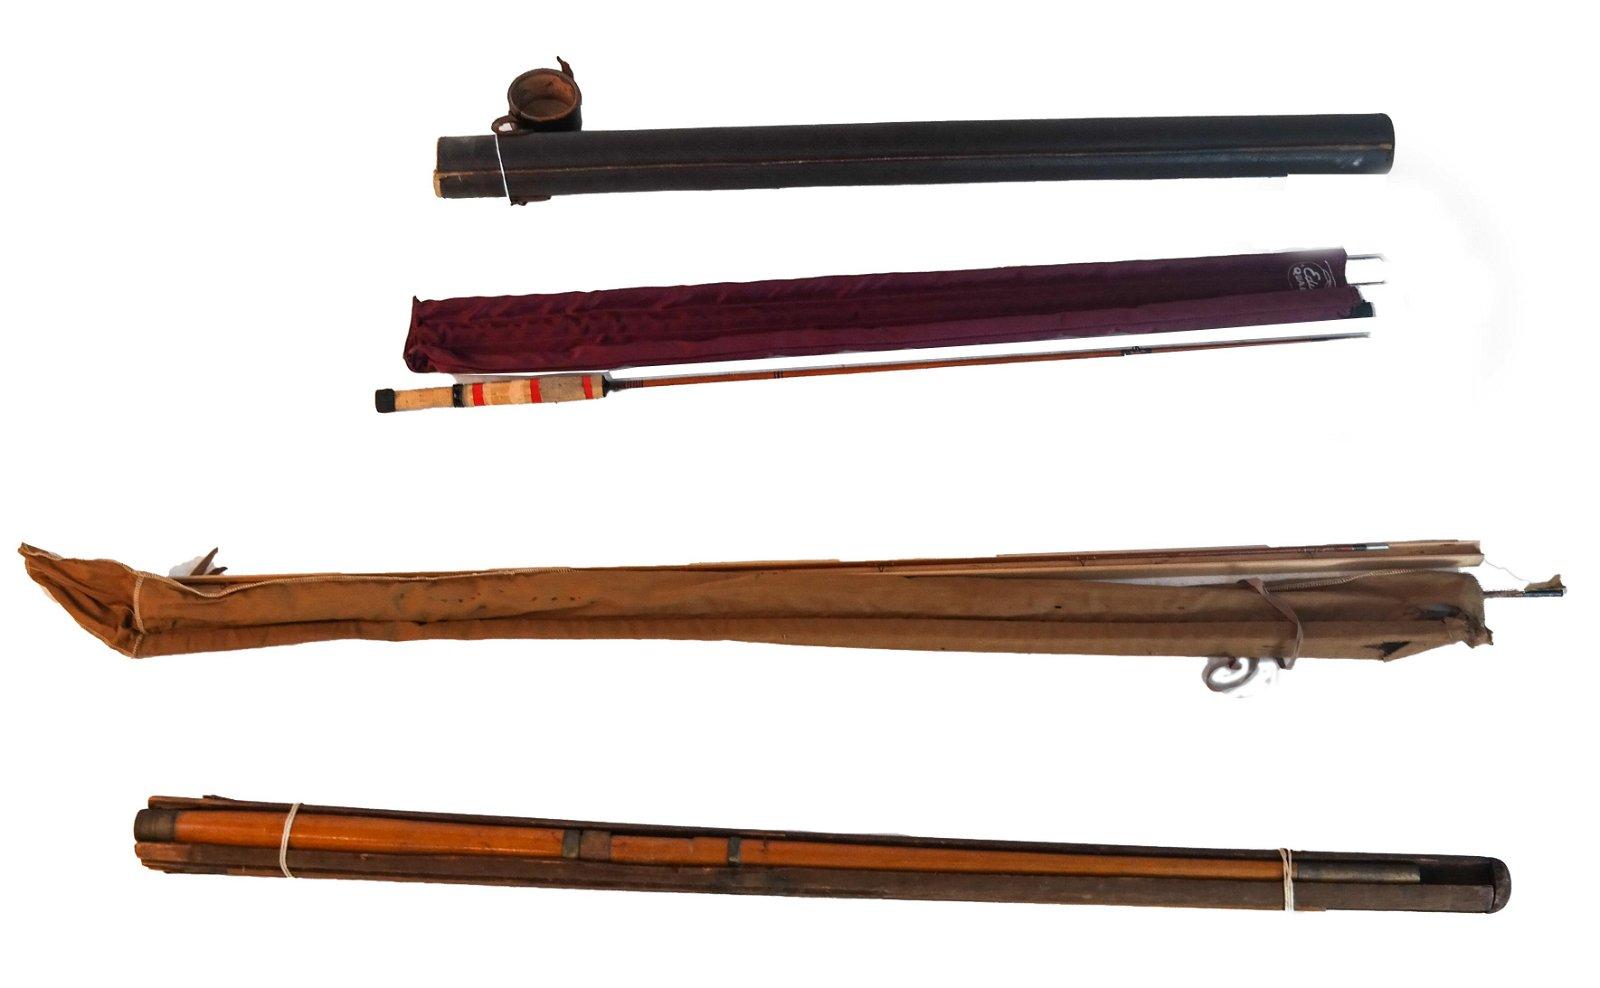 3 Sets of Vintage Fishing Rods: Folsom, Edwards, Other